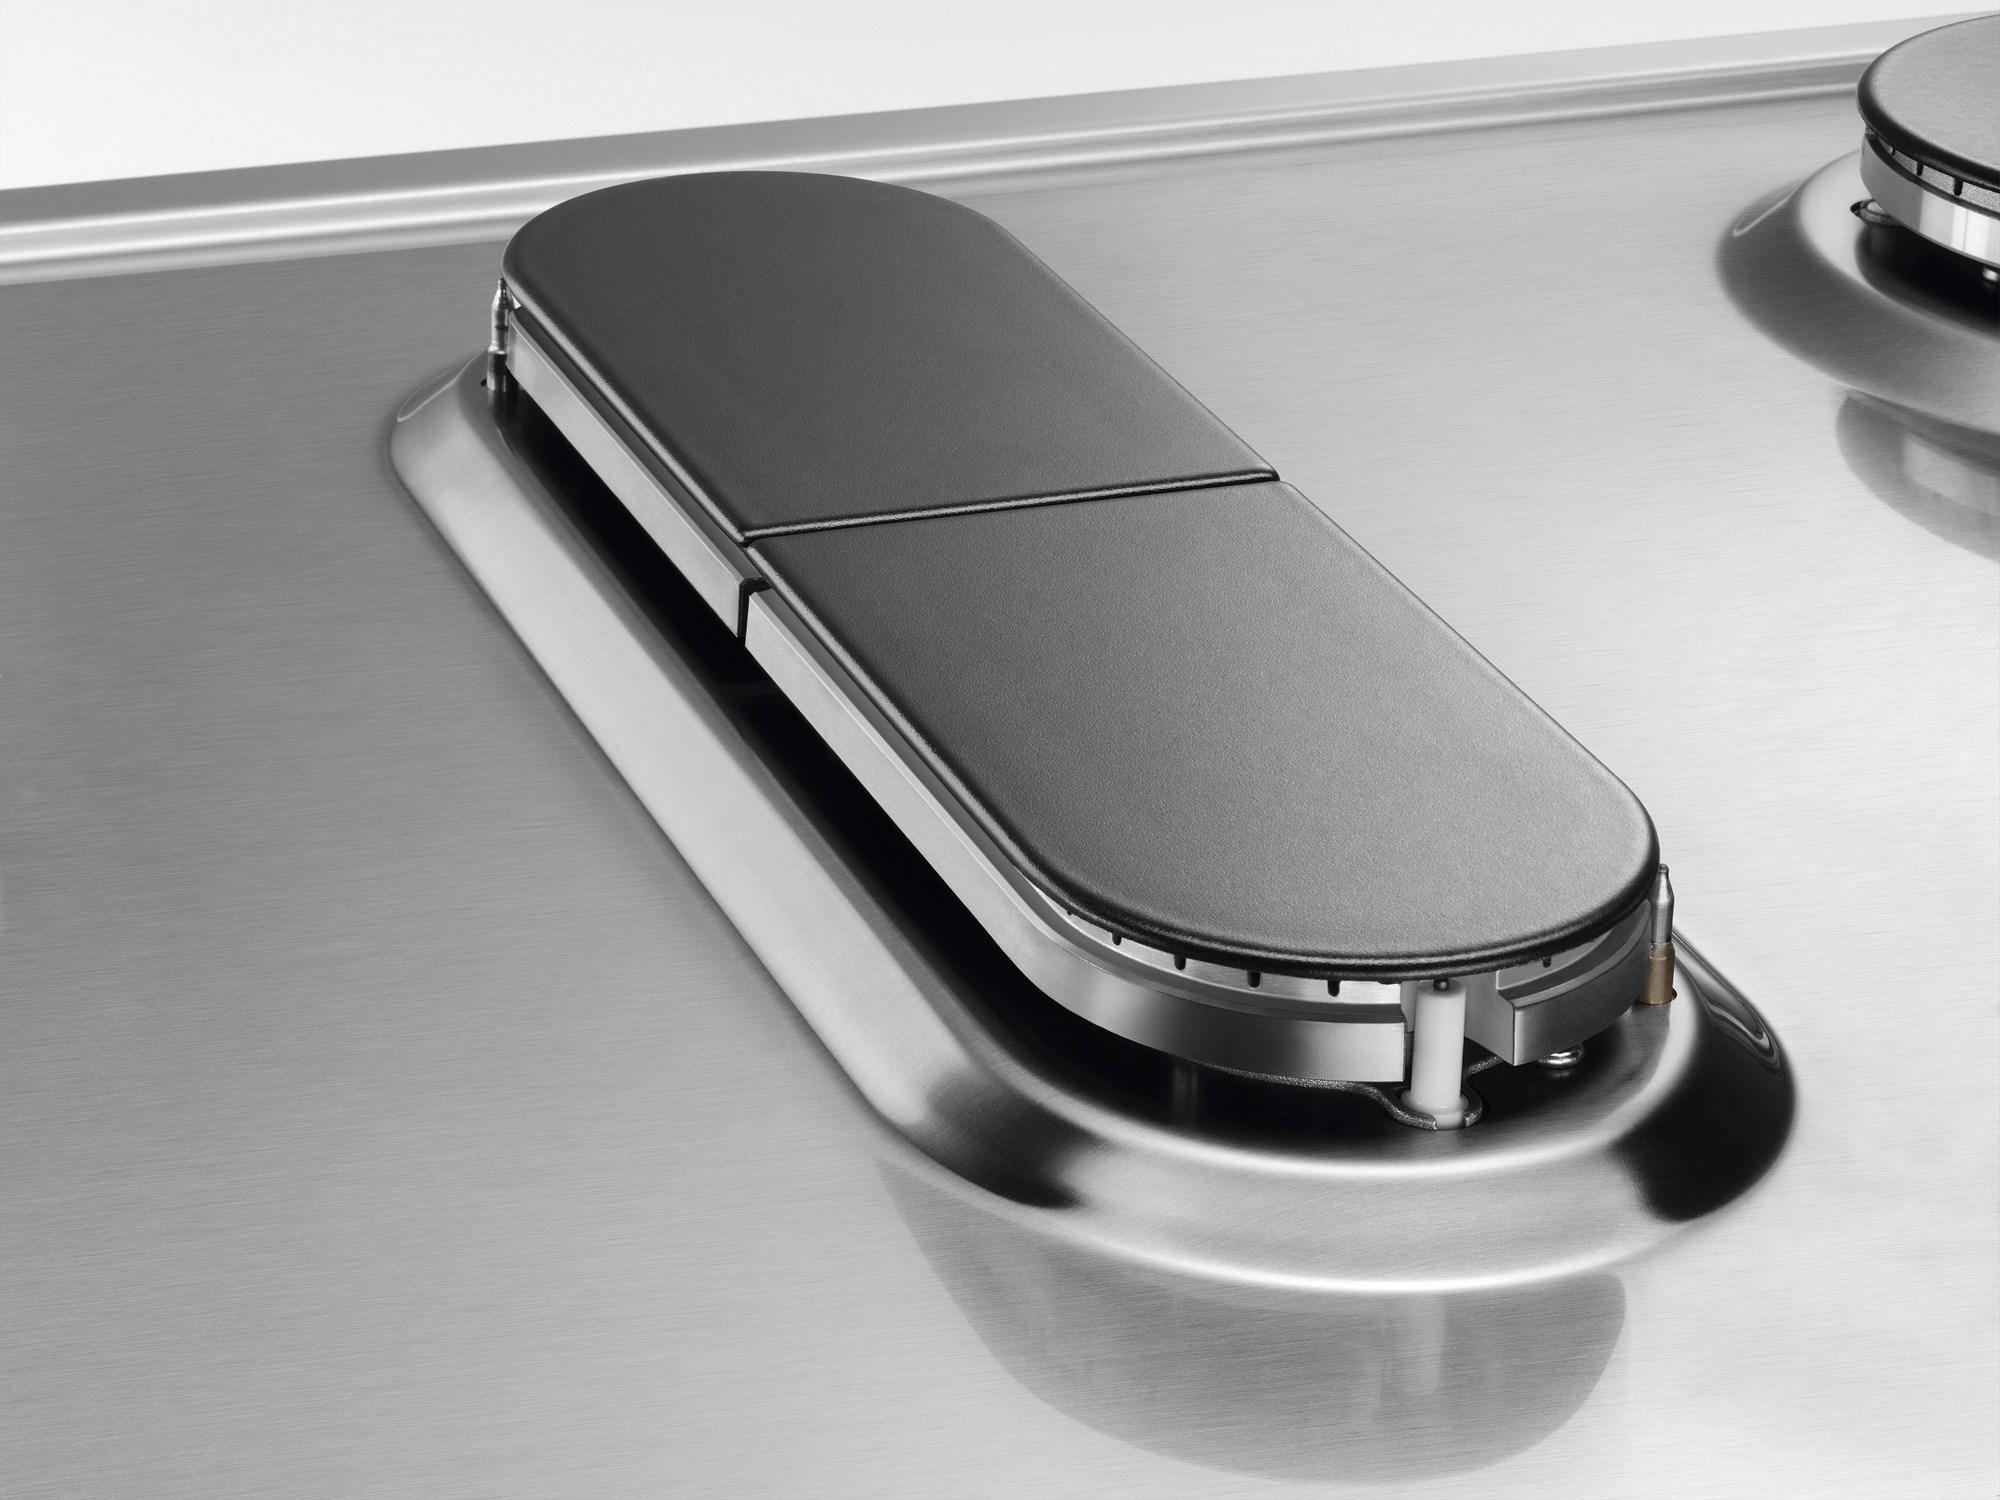 plaque gaz electrolux egh7459gox electromenager grossiste. Black Bedroom Furniture Sets. Home Design Ideas